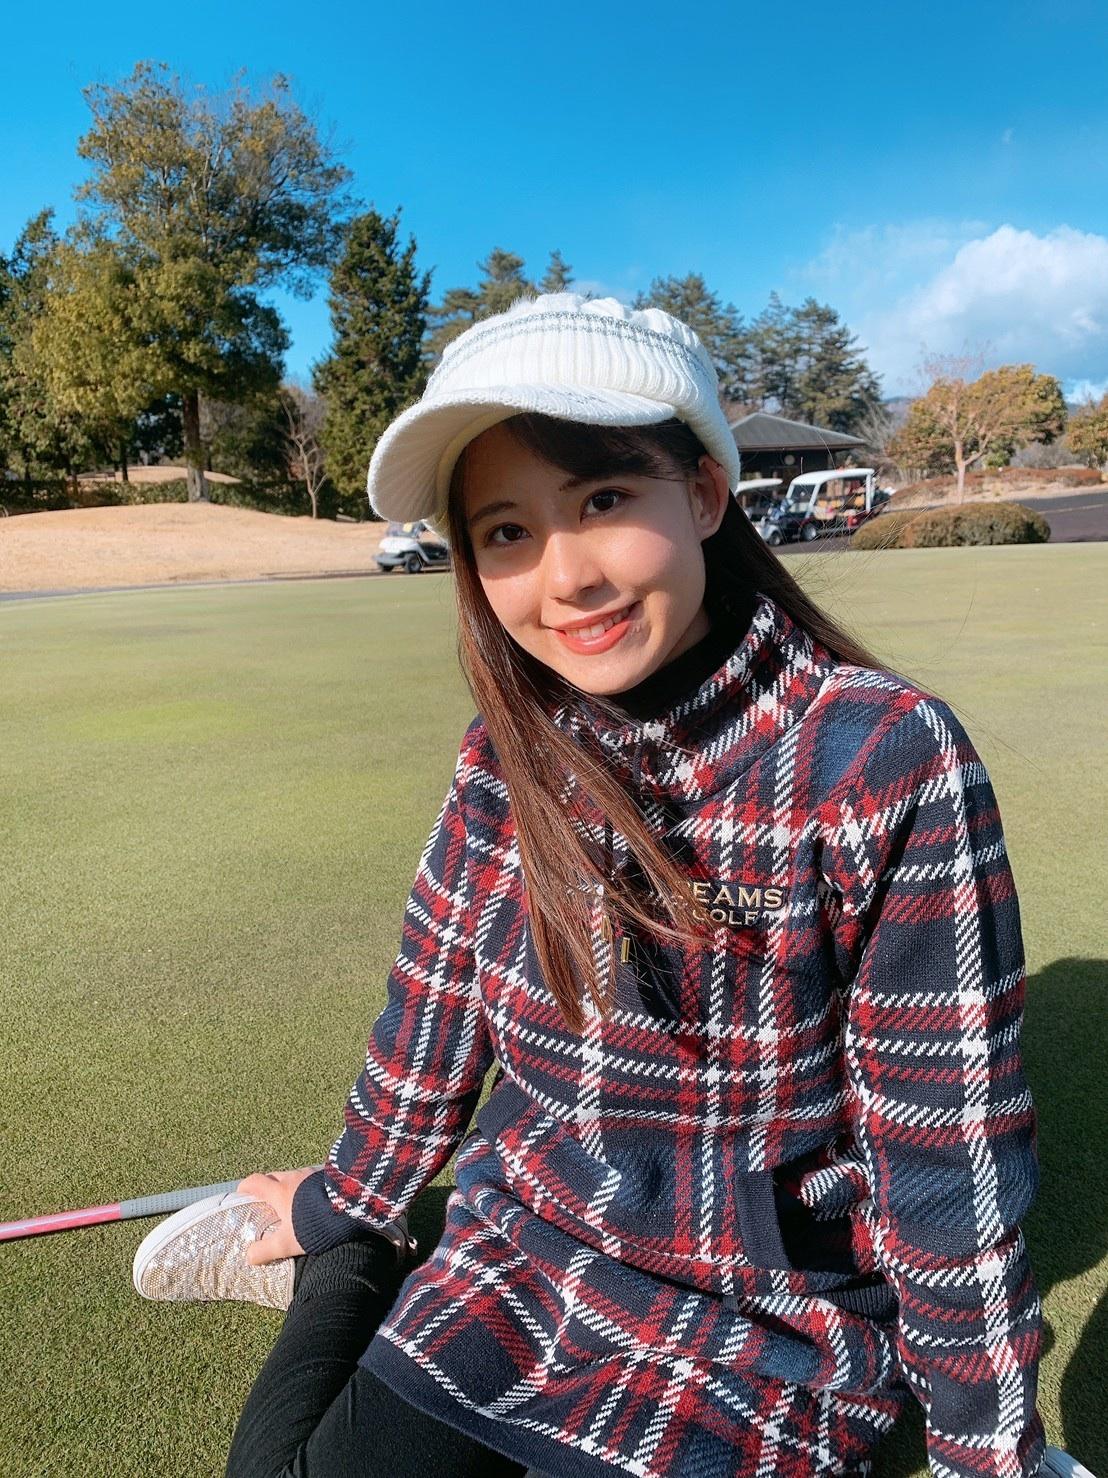 可愛いゴルフウェア紹介♡ソーシャルディスタンスで楽しめます_1_1